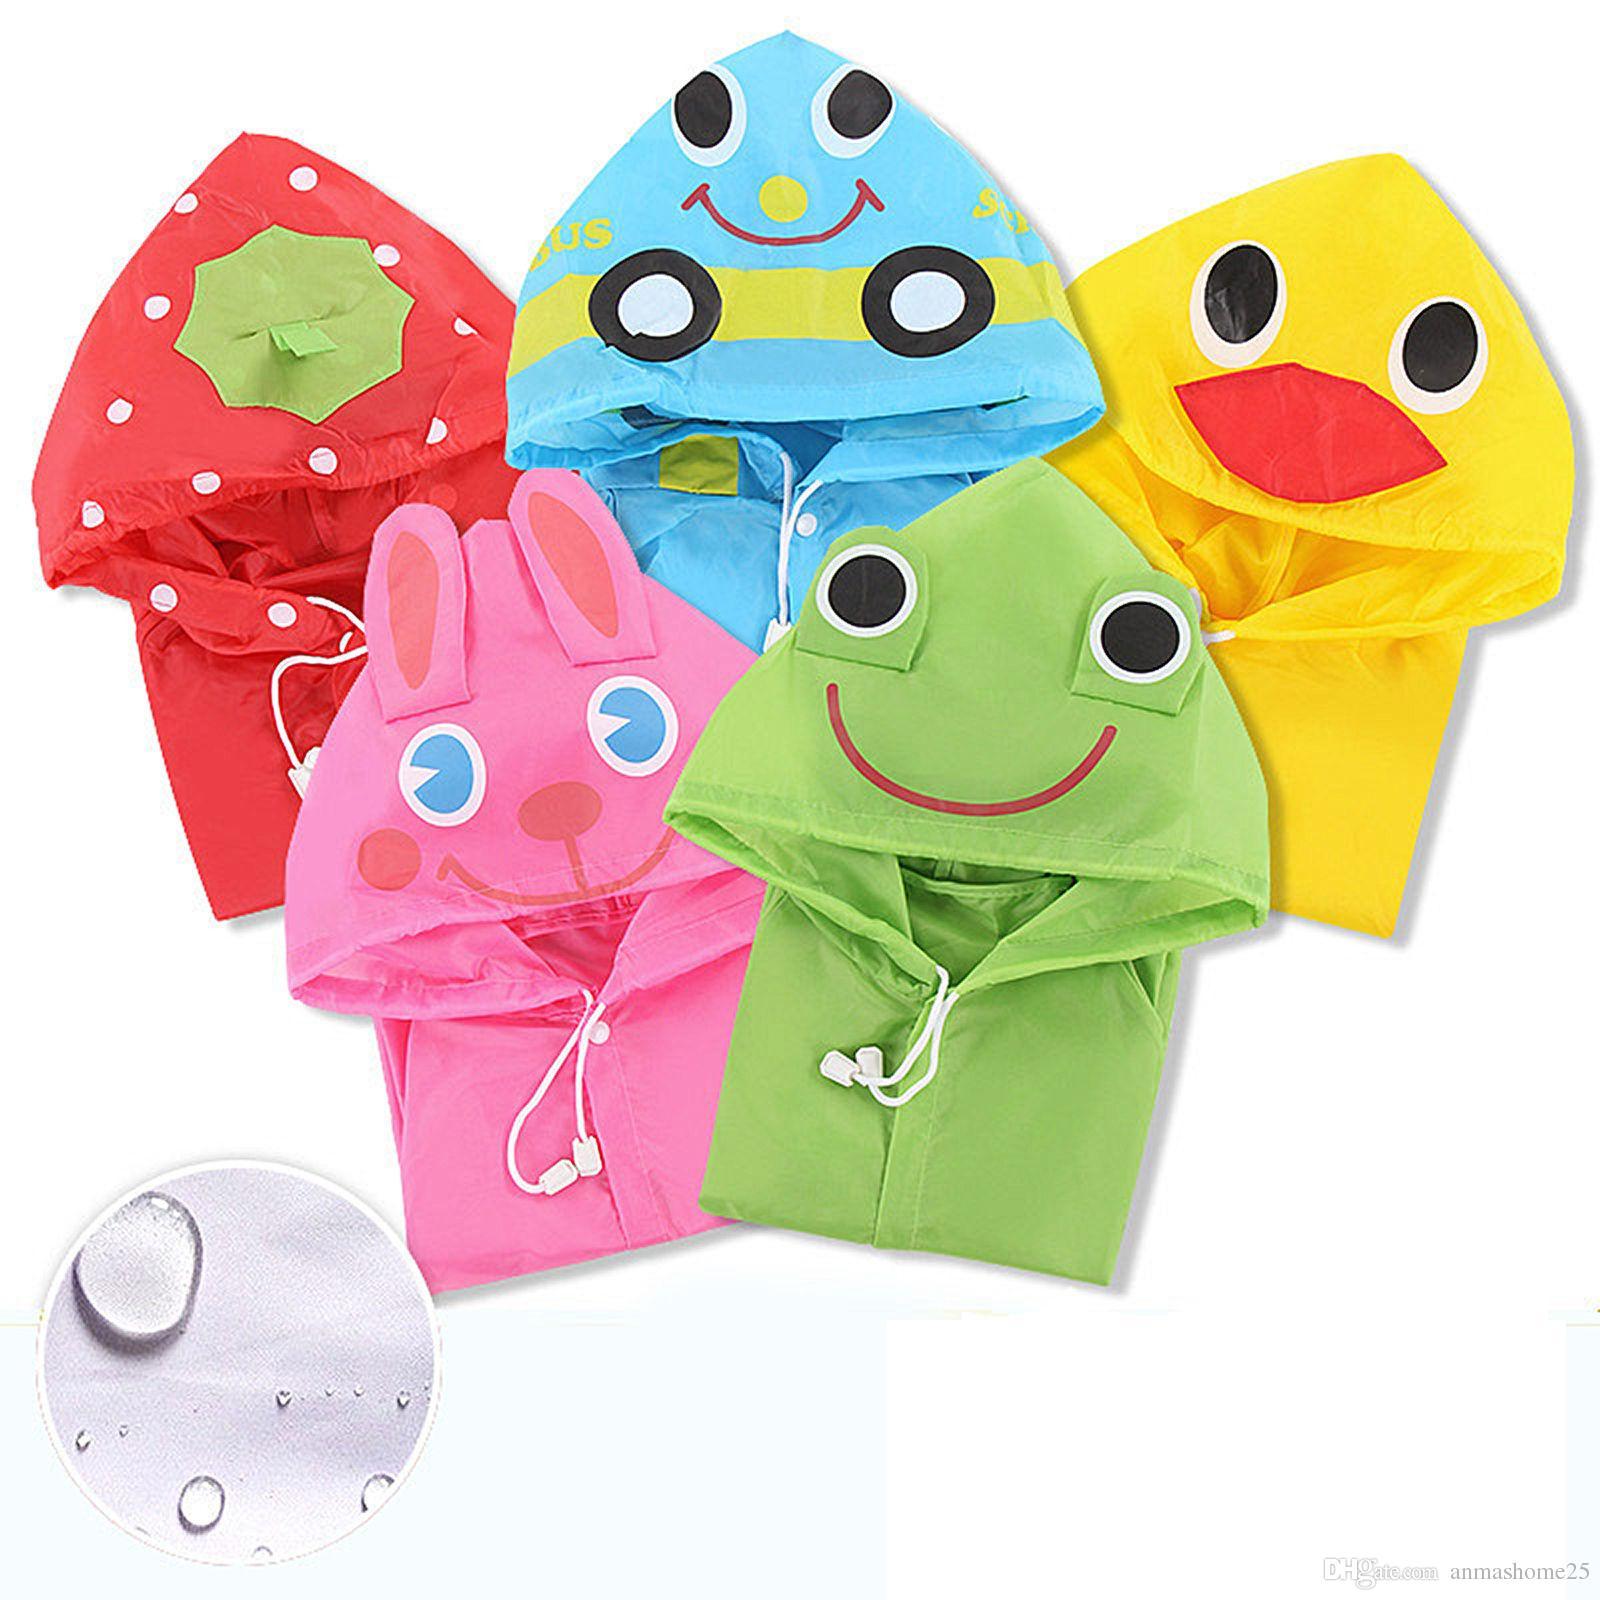 جديد متعدد الألوان المعطف الاطفال الكرتون المعطف مقنع الأطفال للماء المطر لعمر 3-8 سنوات (أطفال 90 سنتيمتر-130 سنتيمتر)